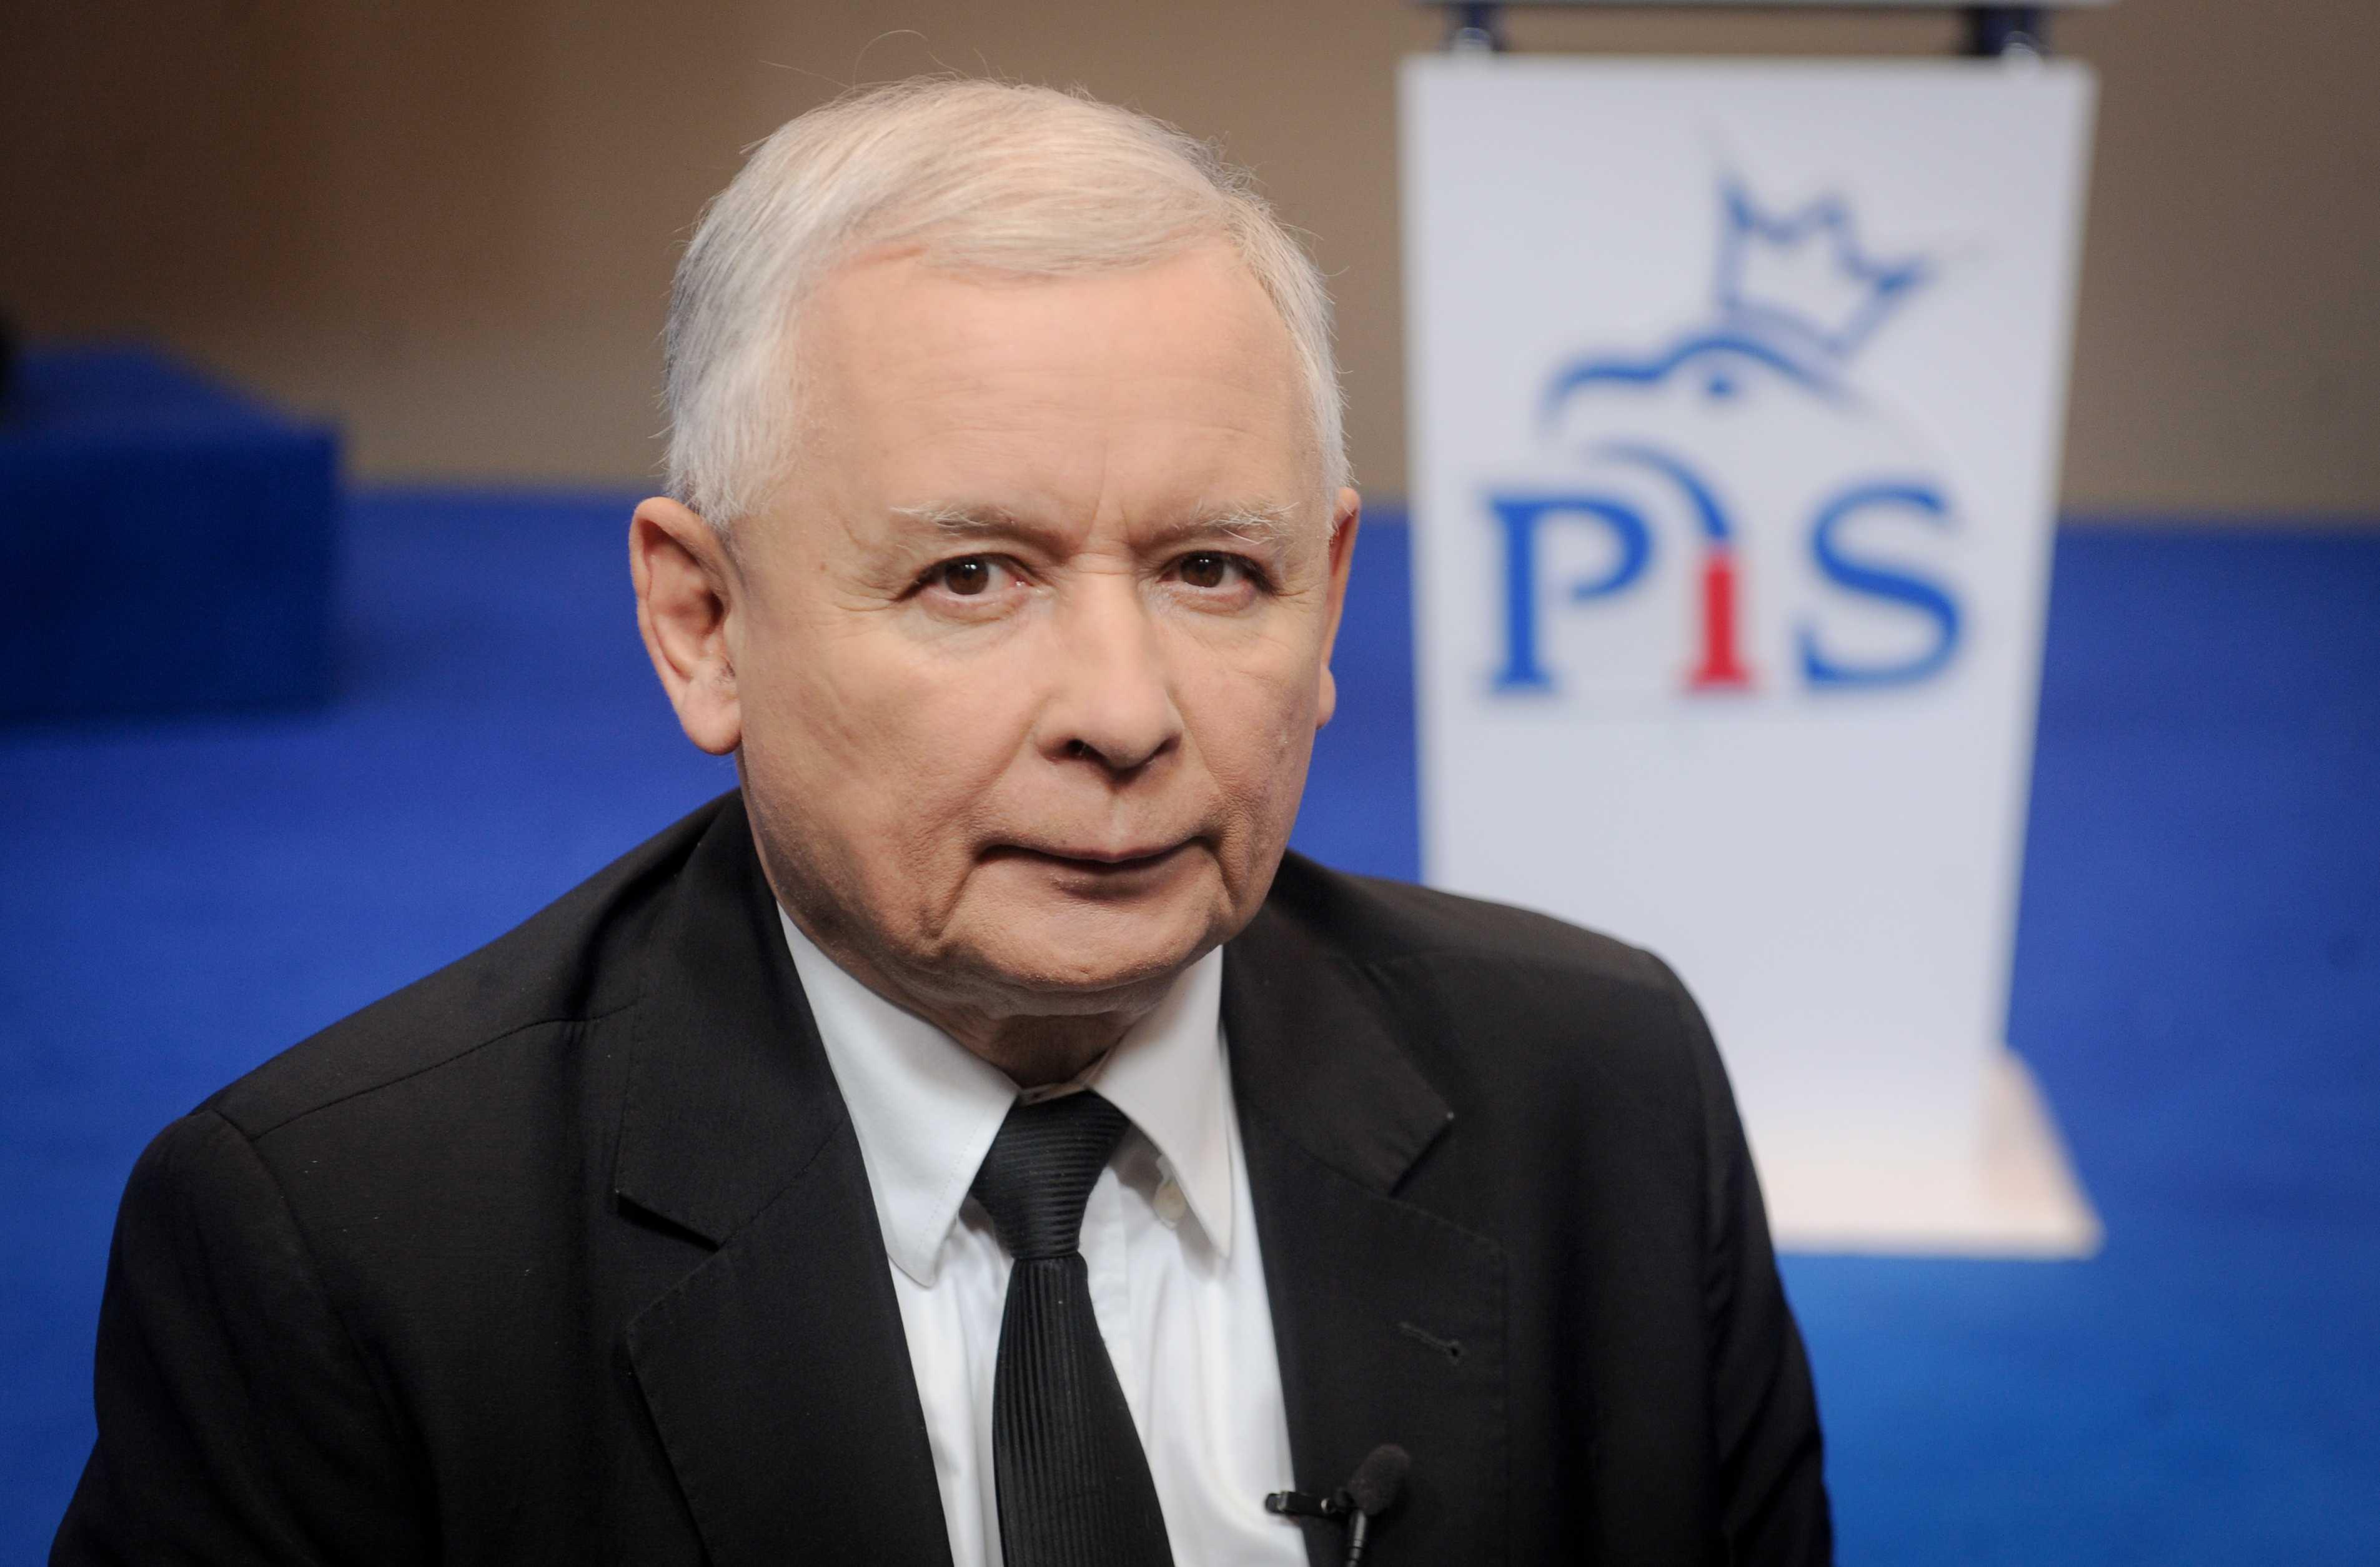 Spierają się o duszę Europy. Wygra prezes PiS?